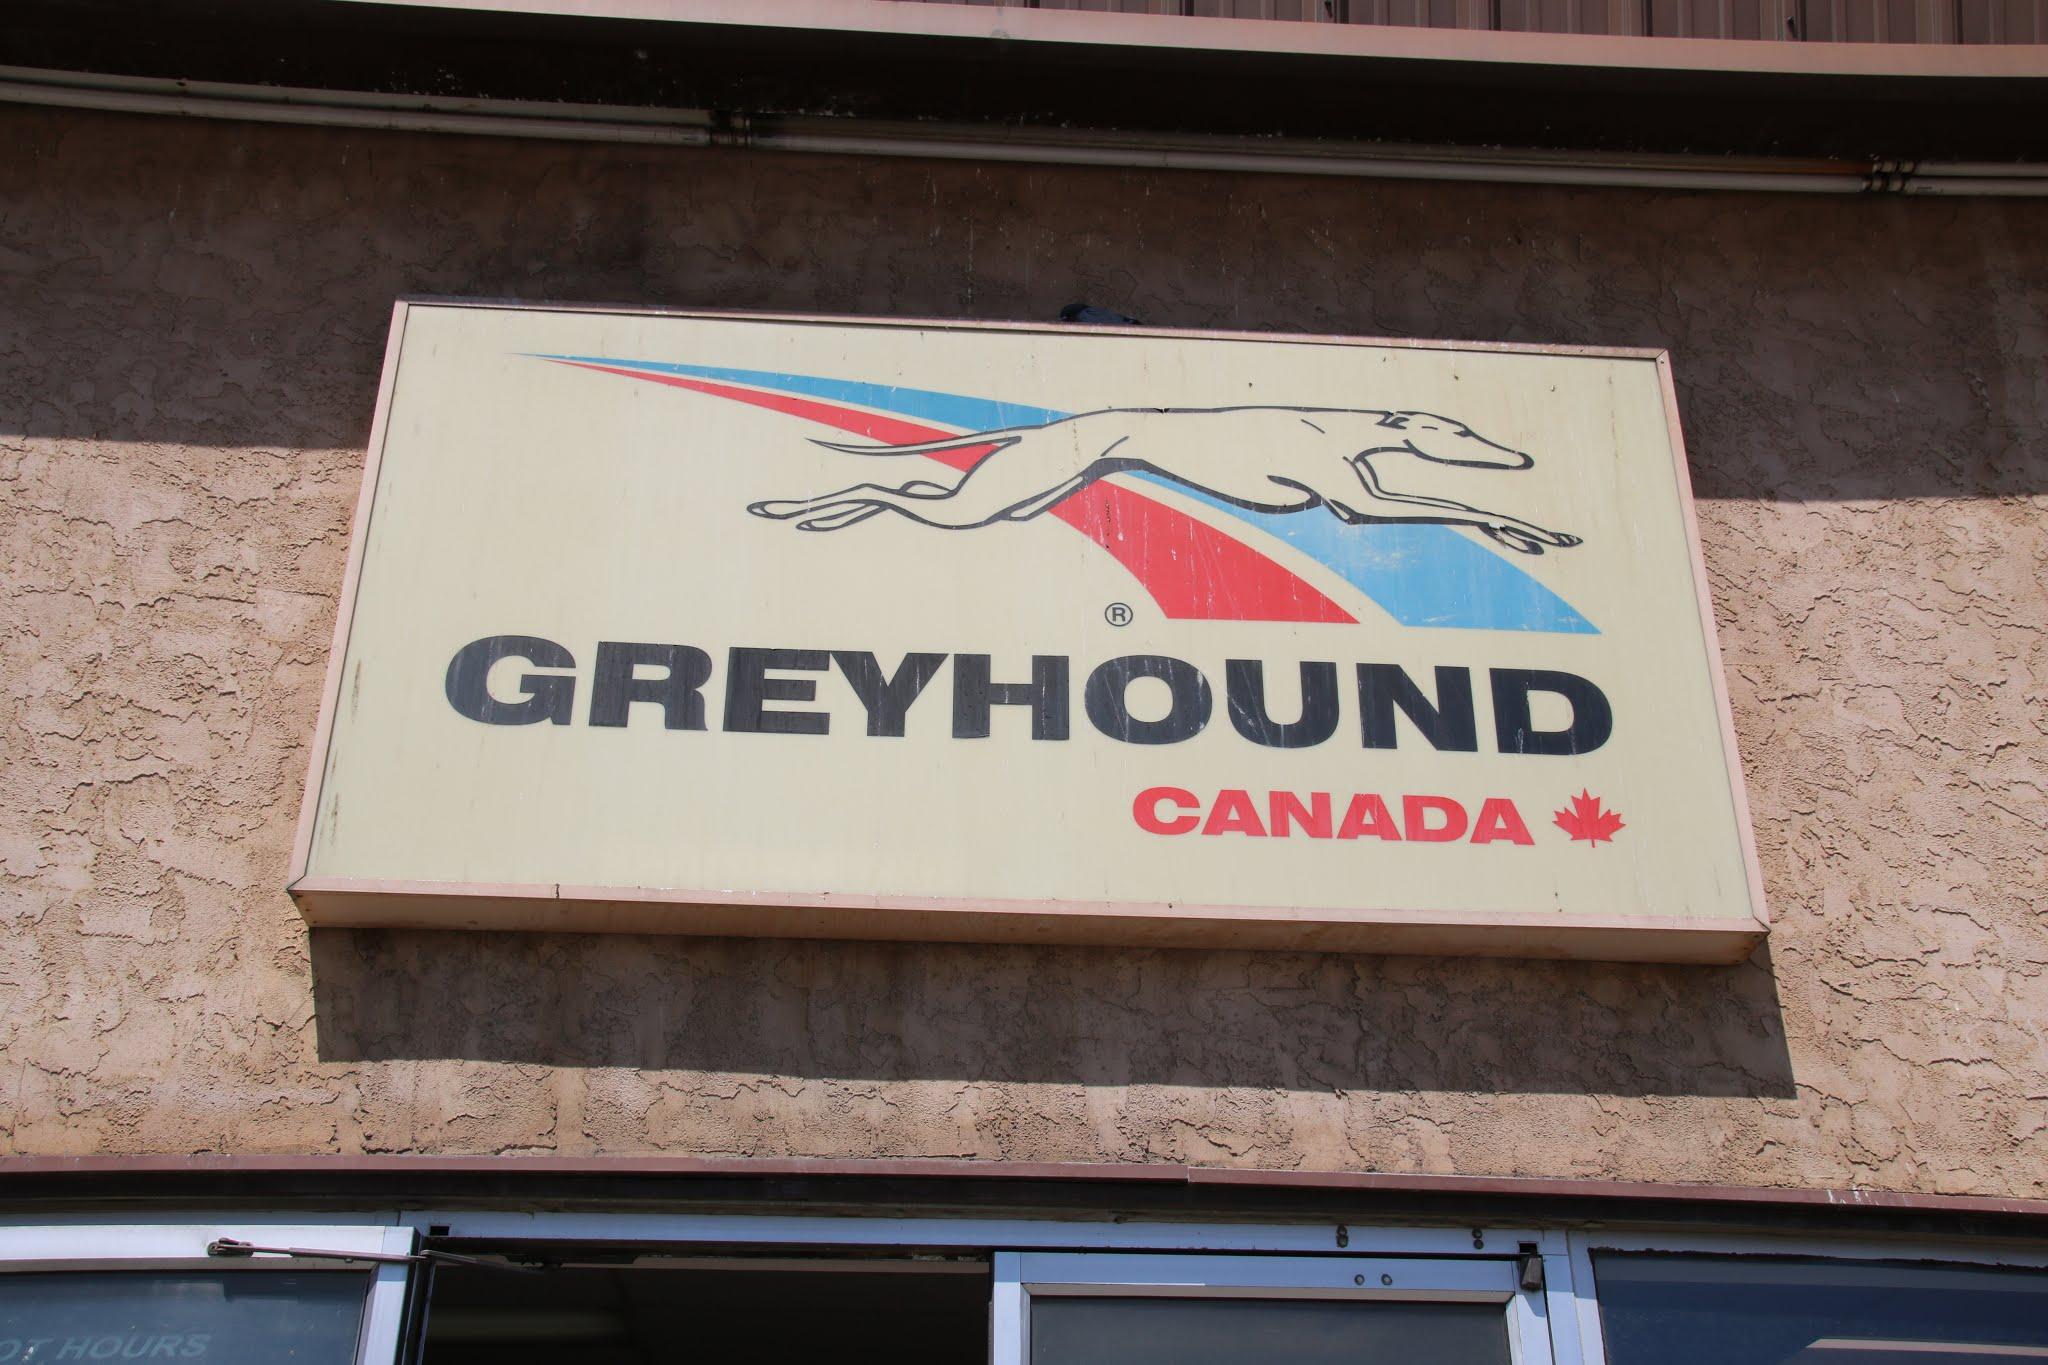 B Fisher Lloydminster Greyhound ending servi...